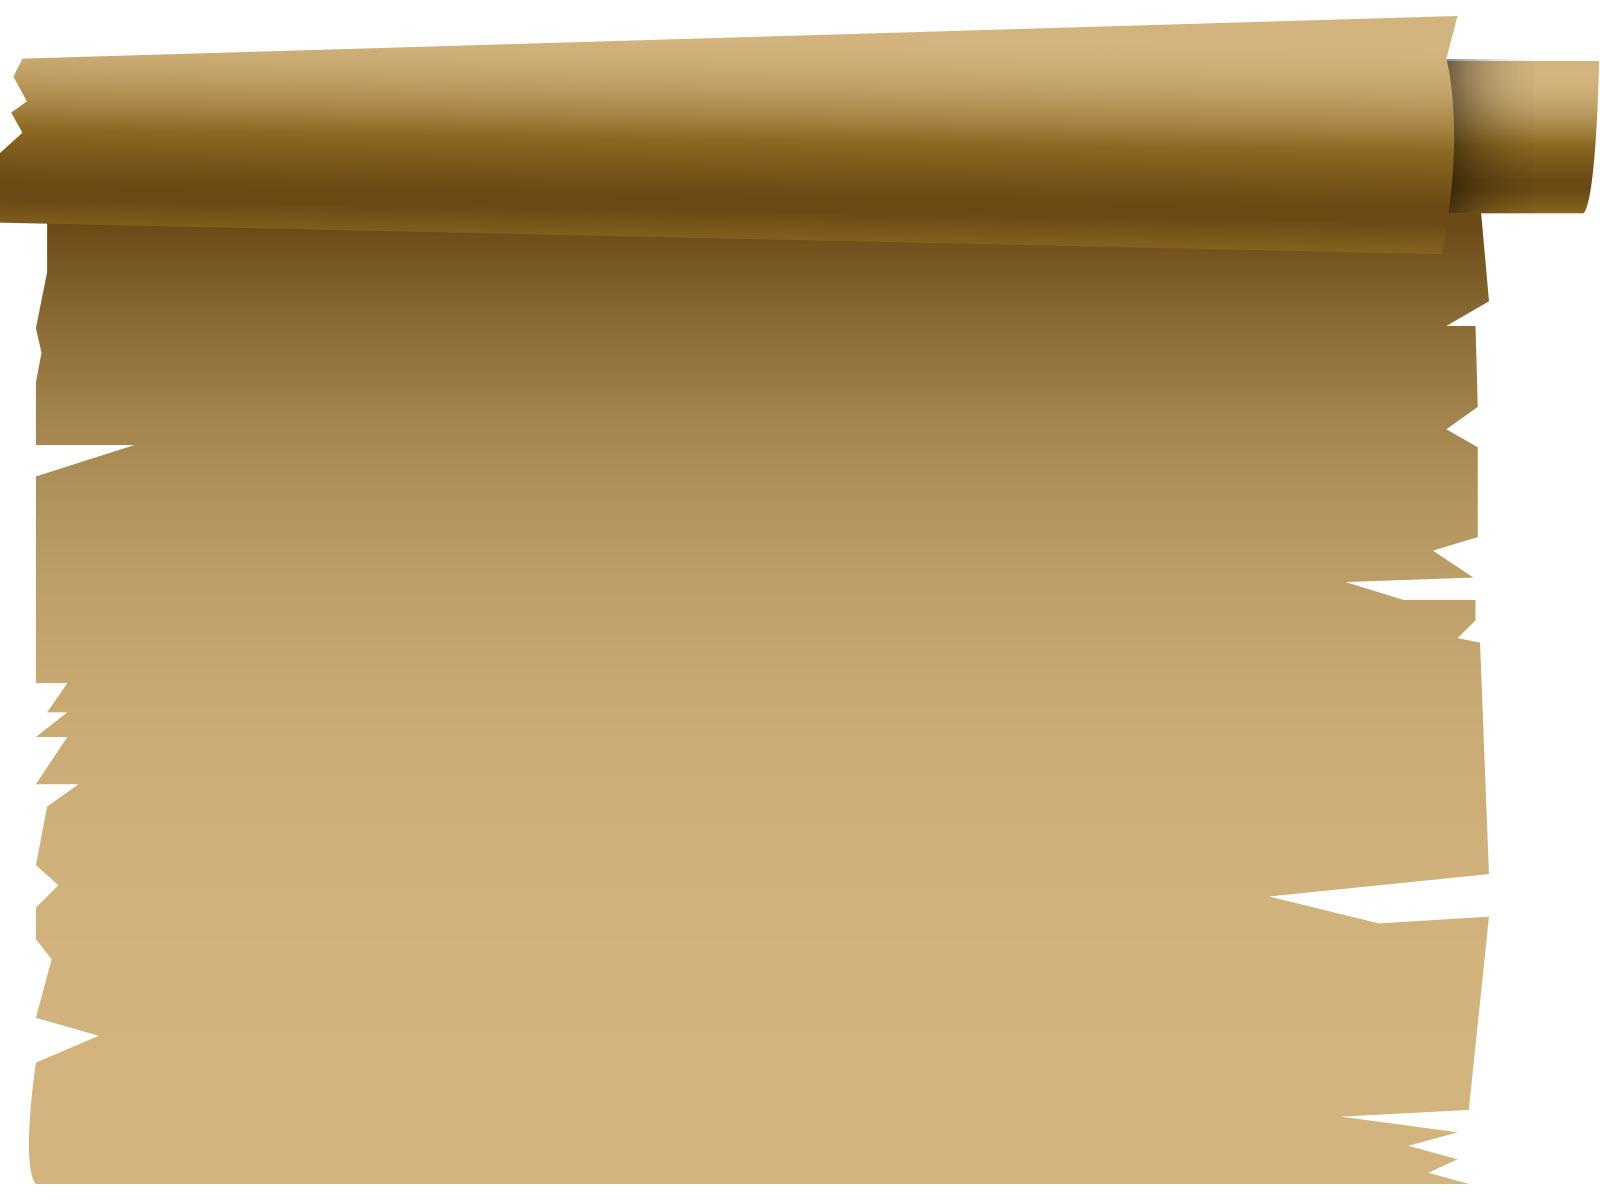 Kumpulan Desain Untuk Power Point Bisa Juga Untuk Pamflet Brosur Atau Banner Desain Store